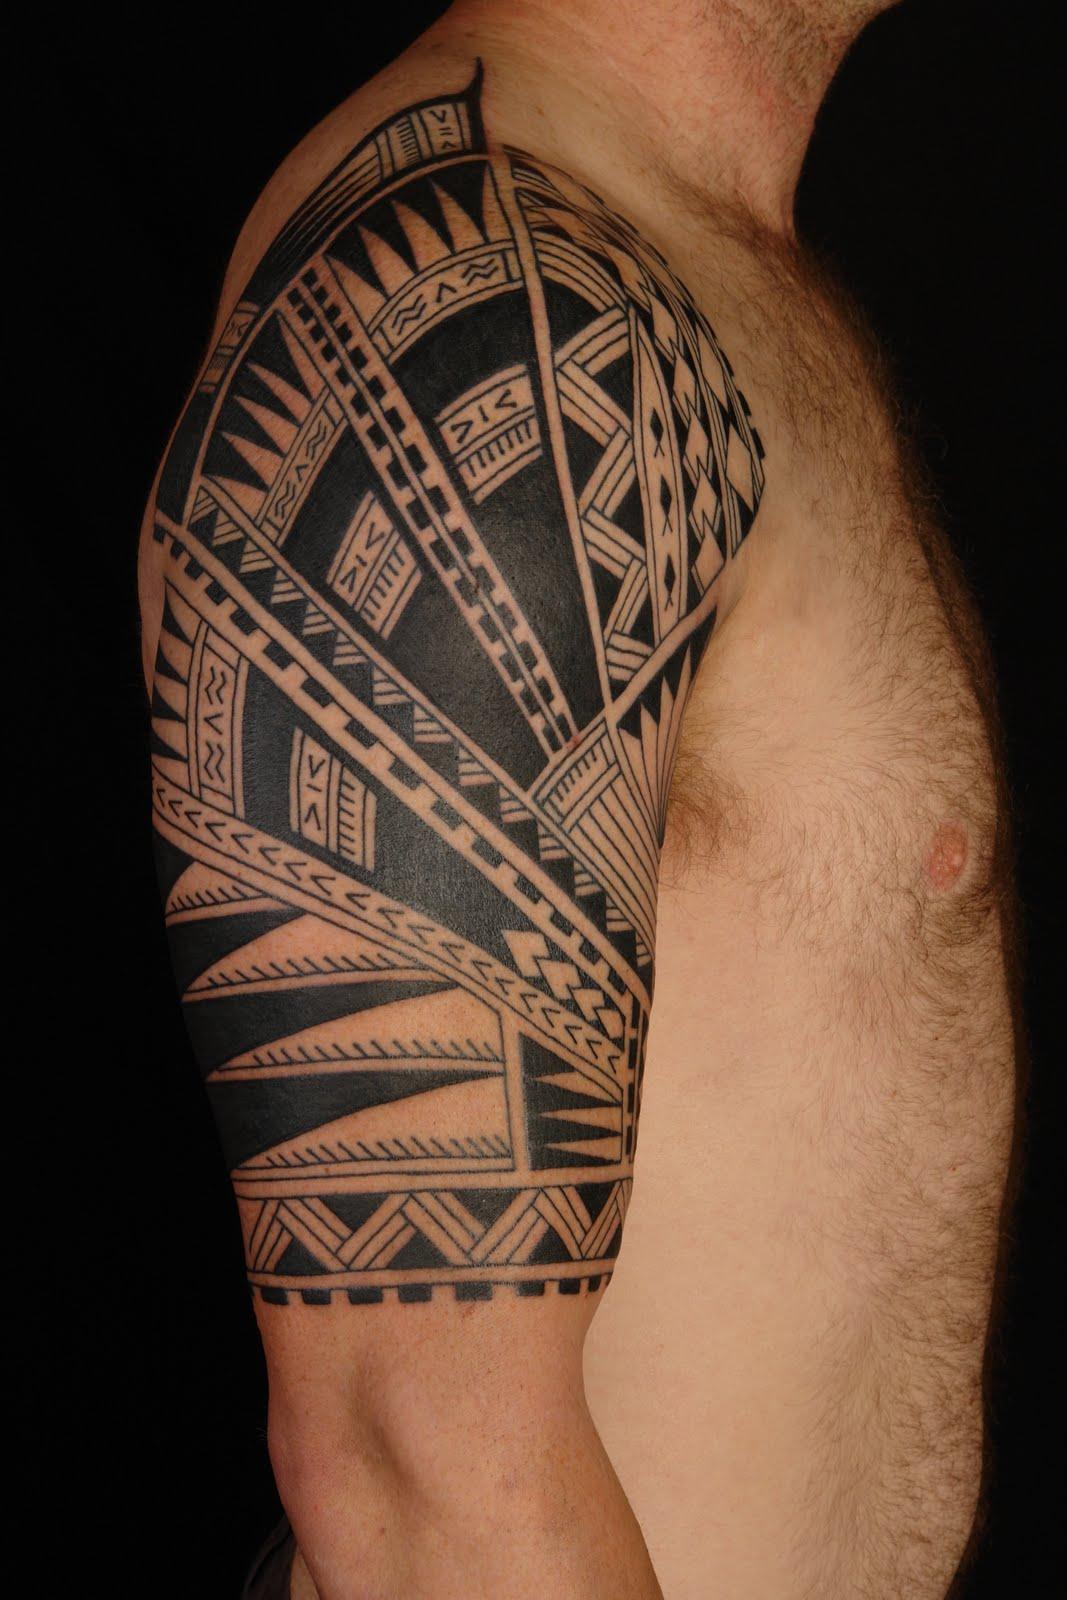 Simple Half Sleeve Tattoo Ideas